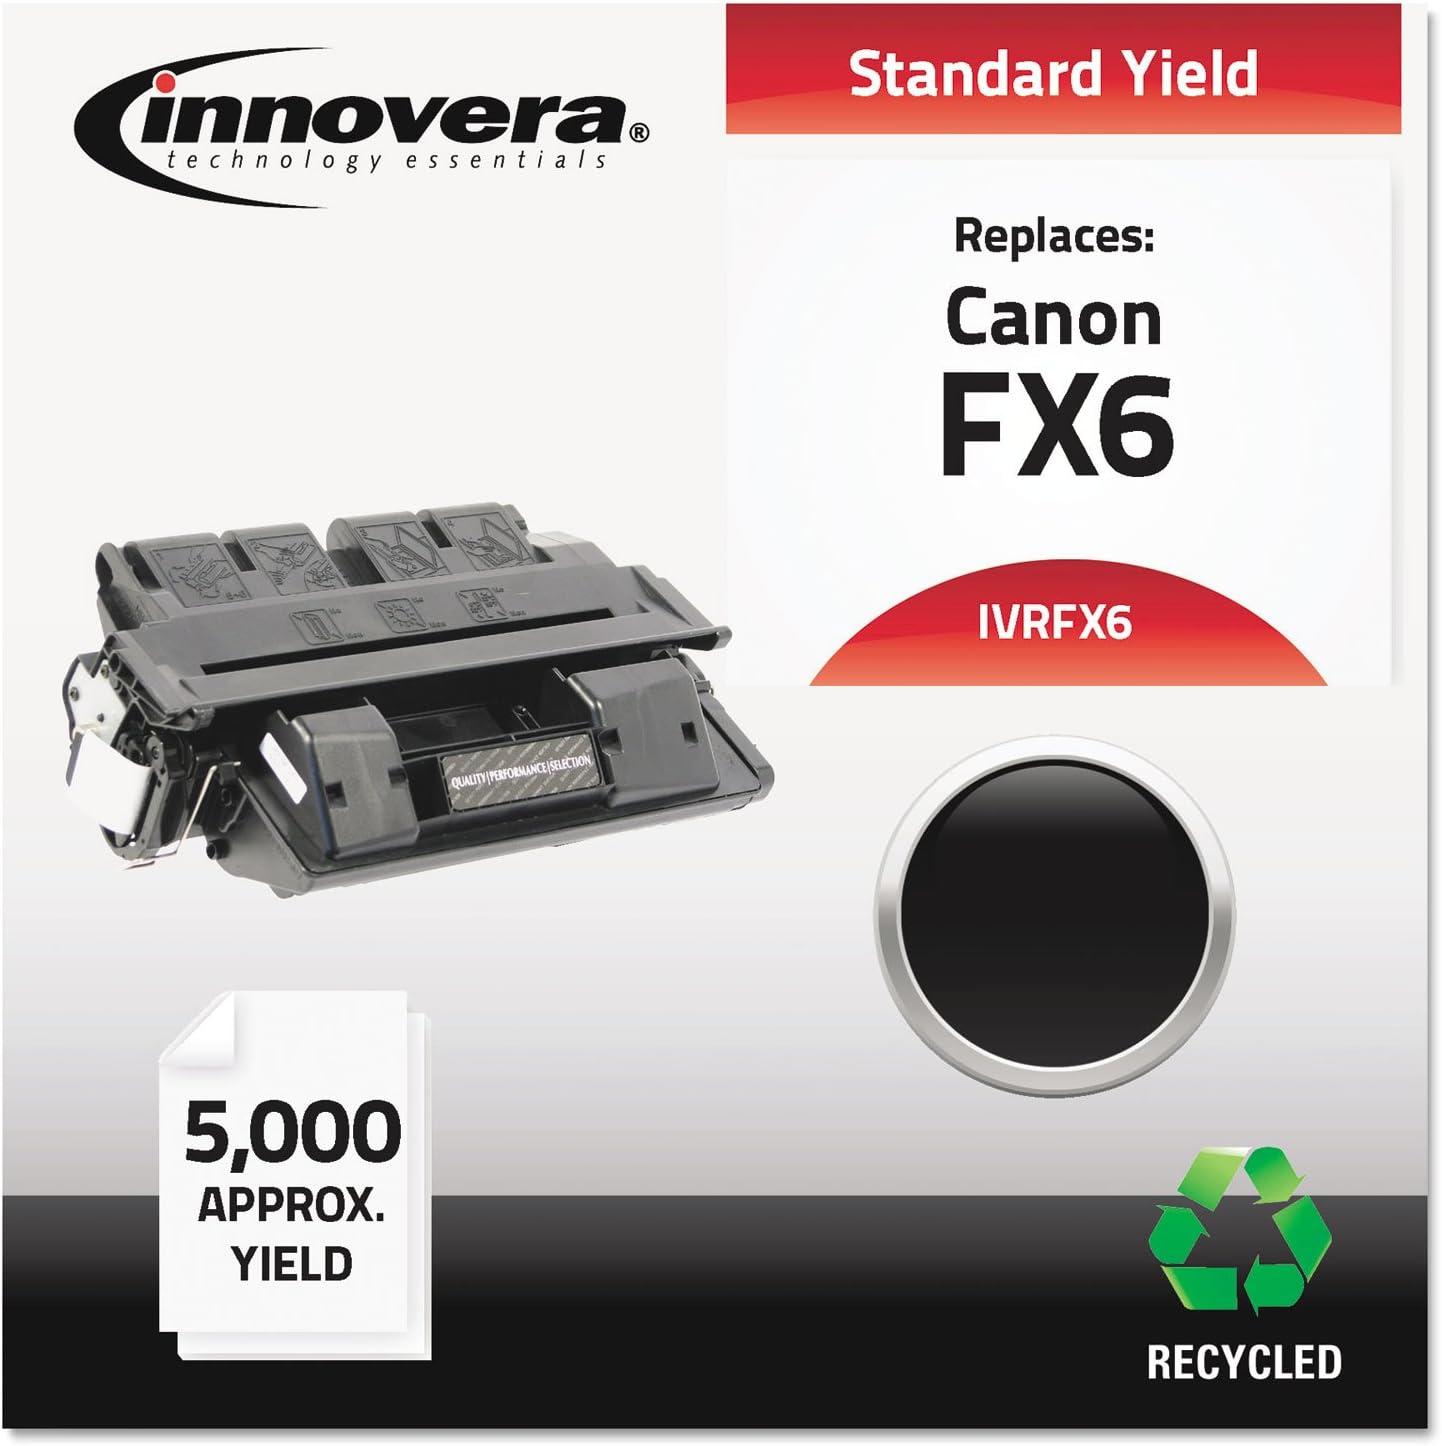 IVRFX6 - Remanufactured 1559A002AA FX6 Toner